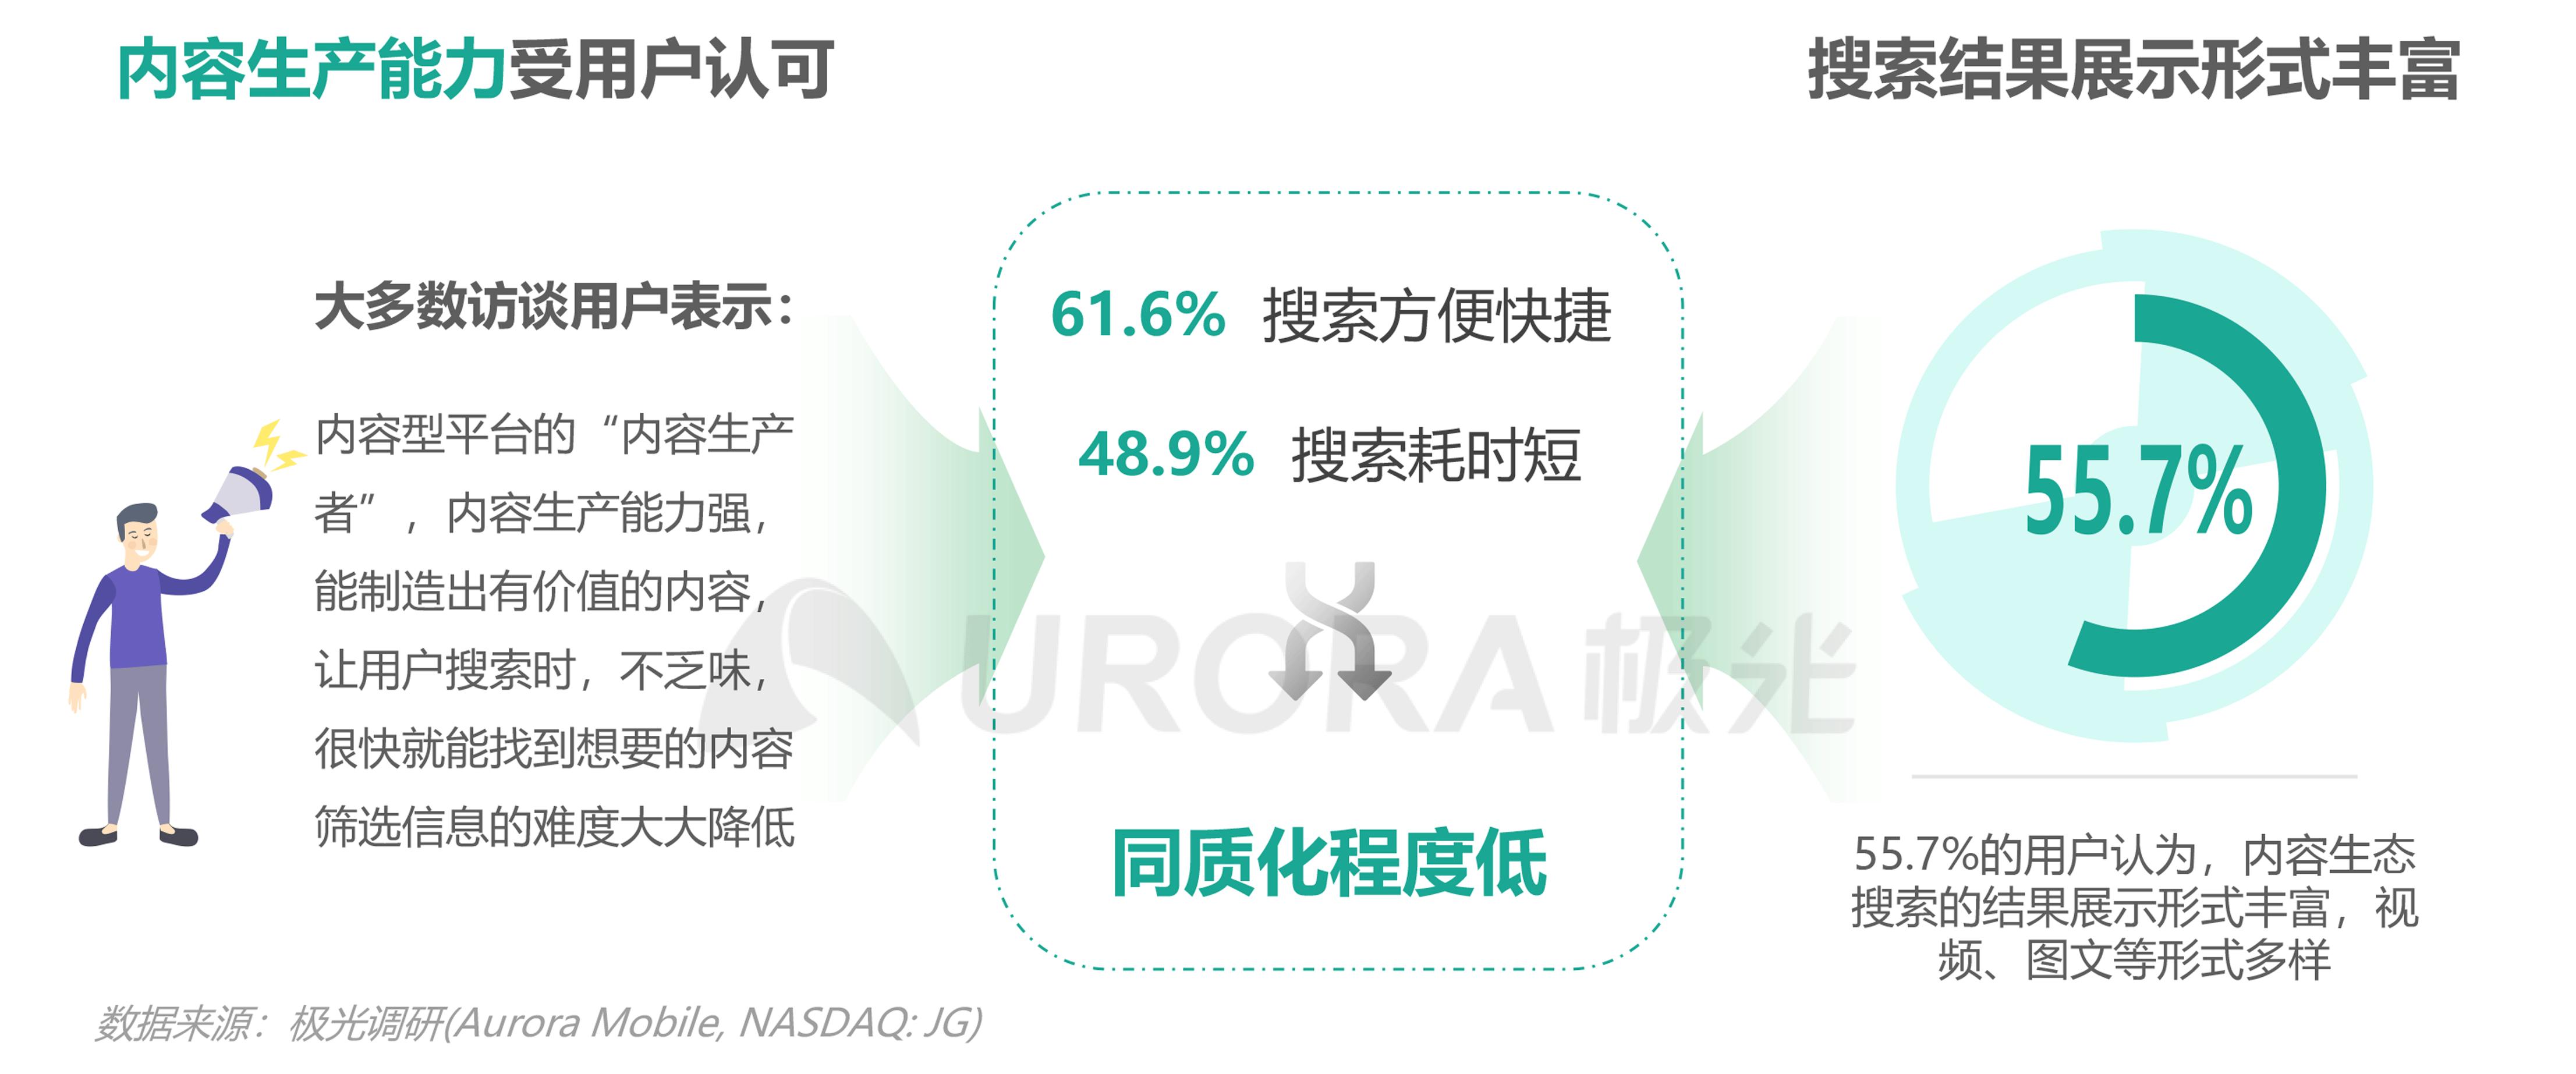 极光:内容生态搜索趋势报告png (16).png